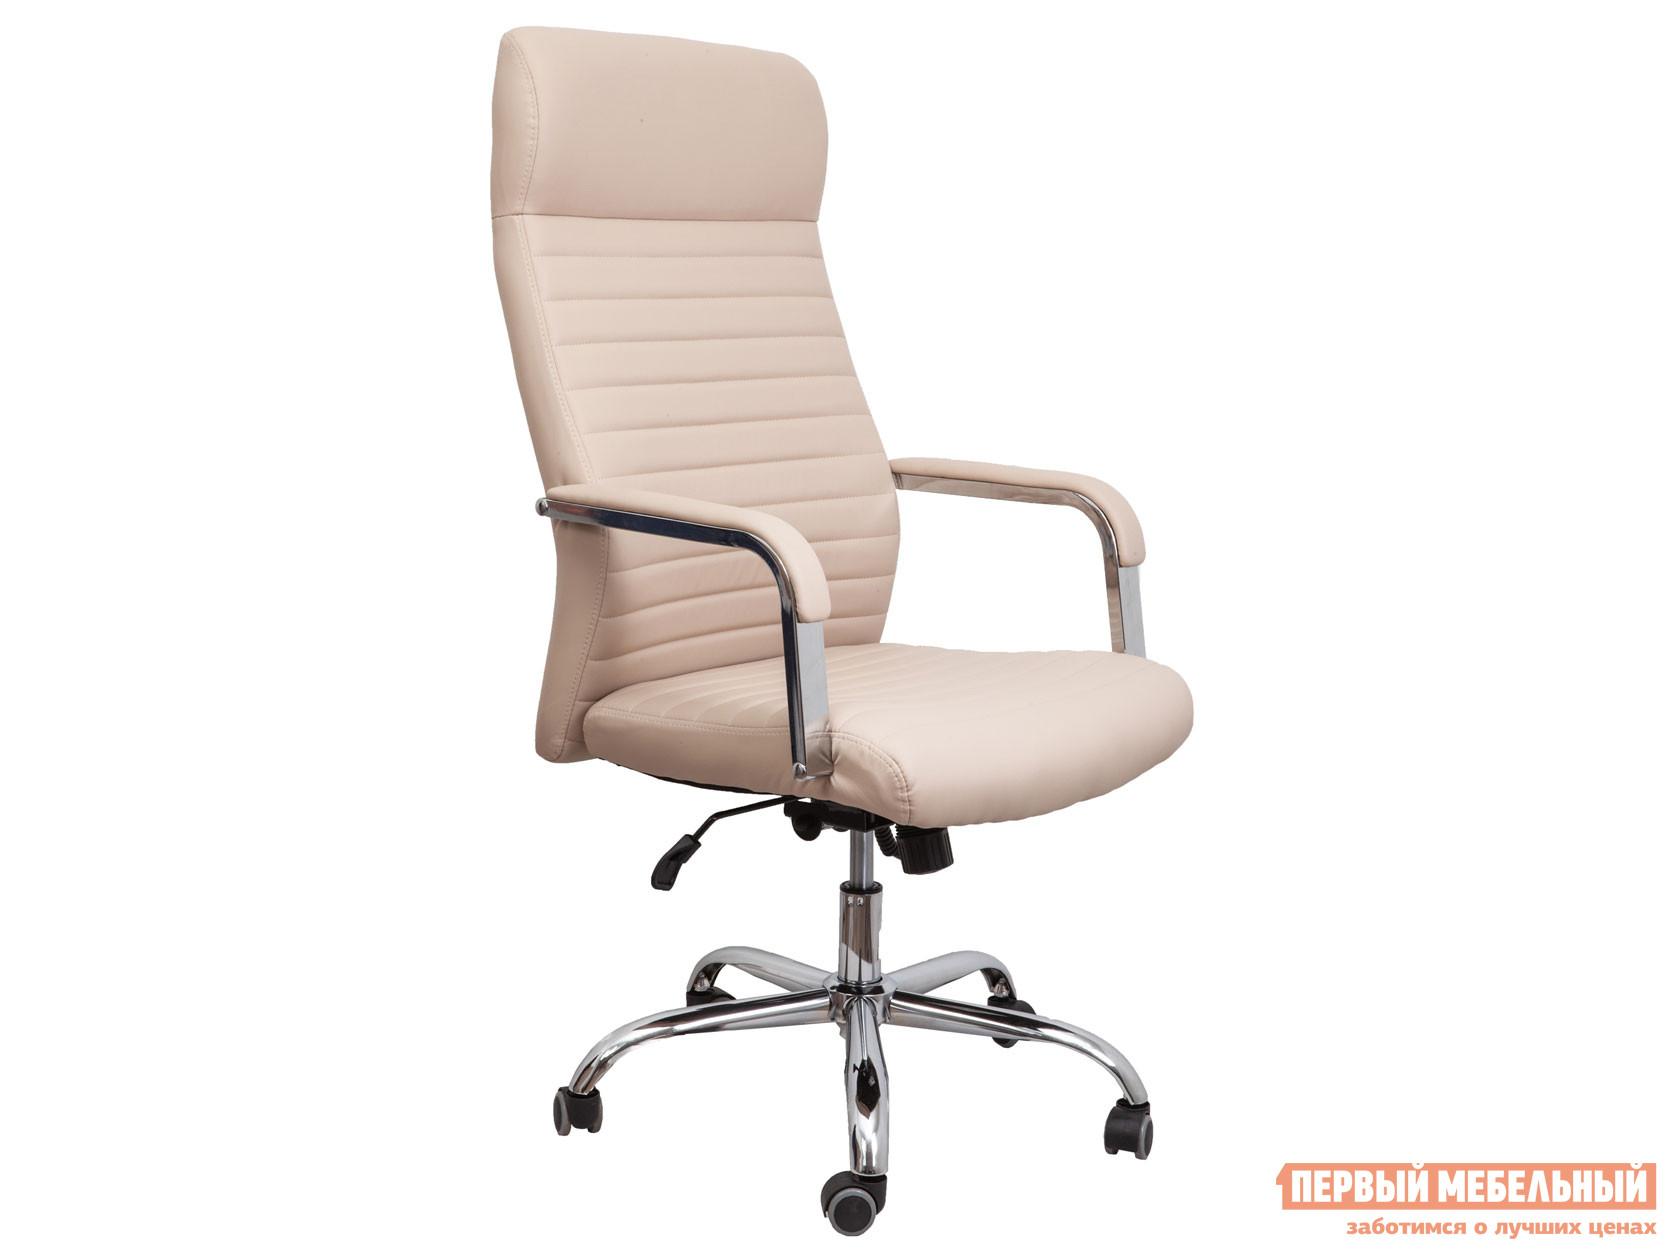 Кресло руководителя Первый Мебельный Кресло поворотное PILOT A